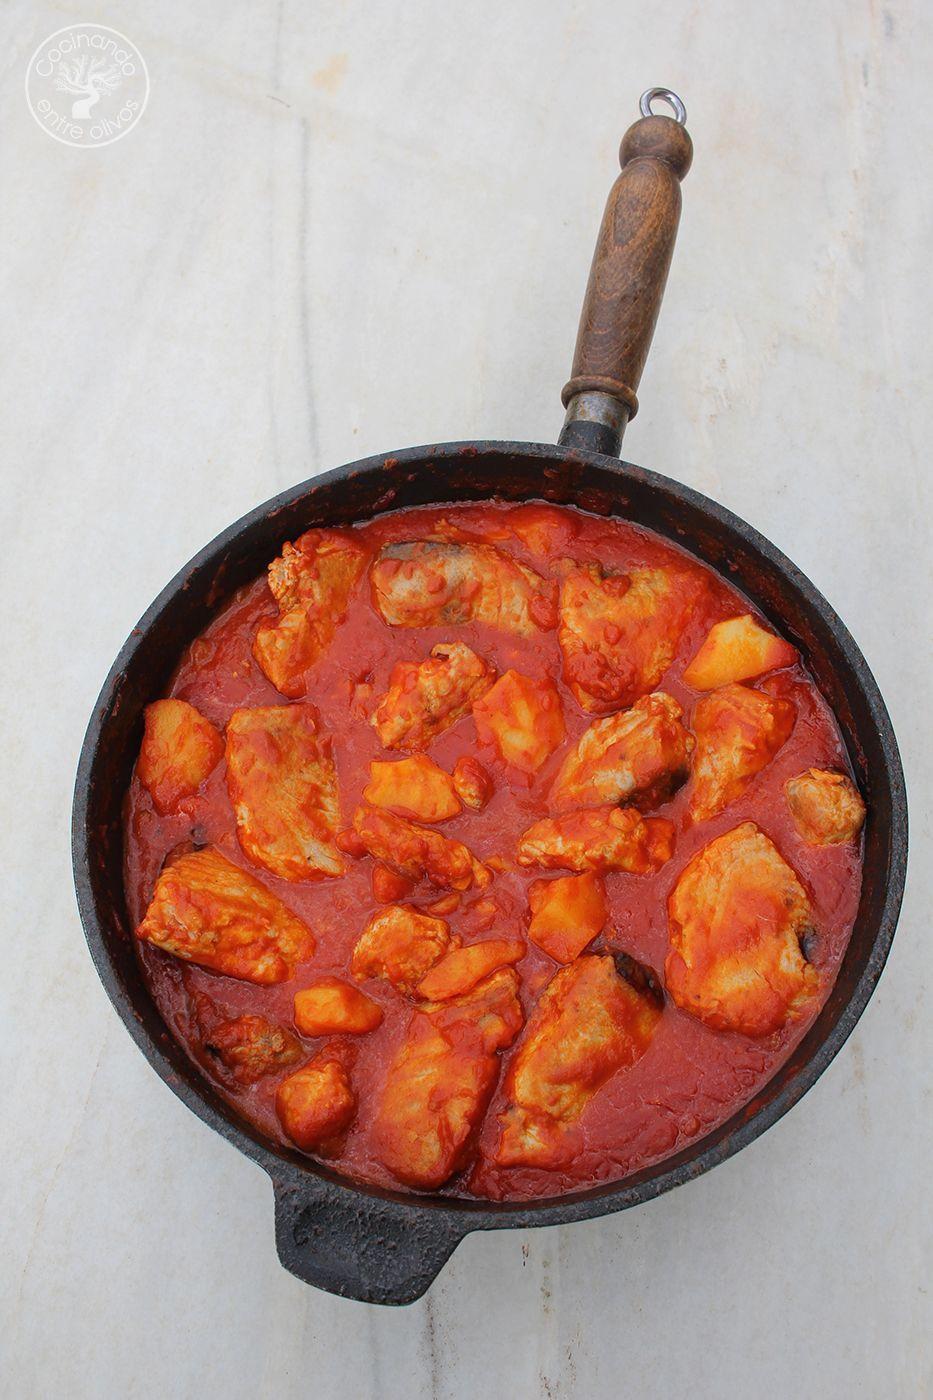 Bonito con tomate www.cocinandoentreolivos.com (10)